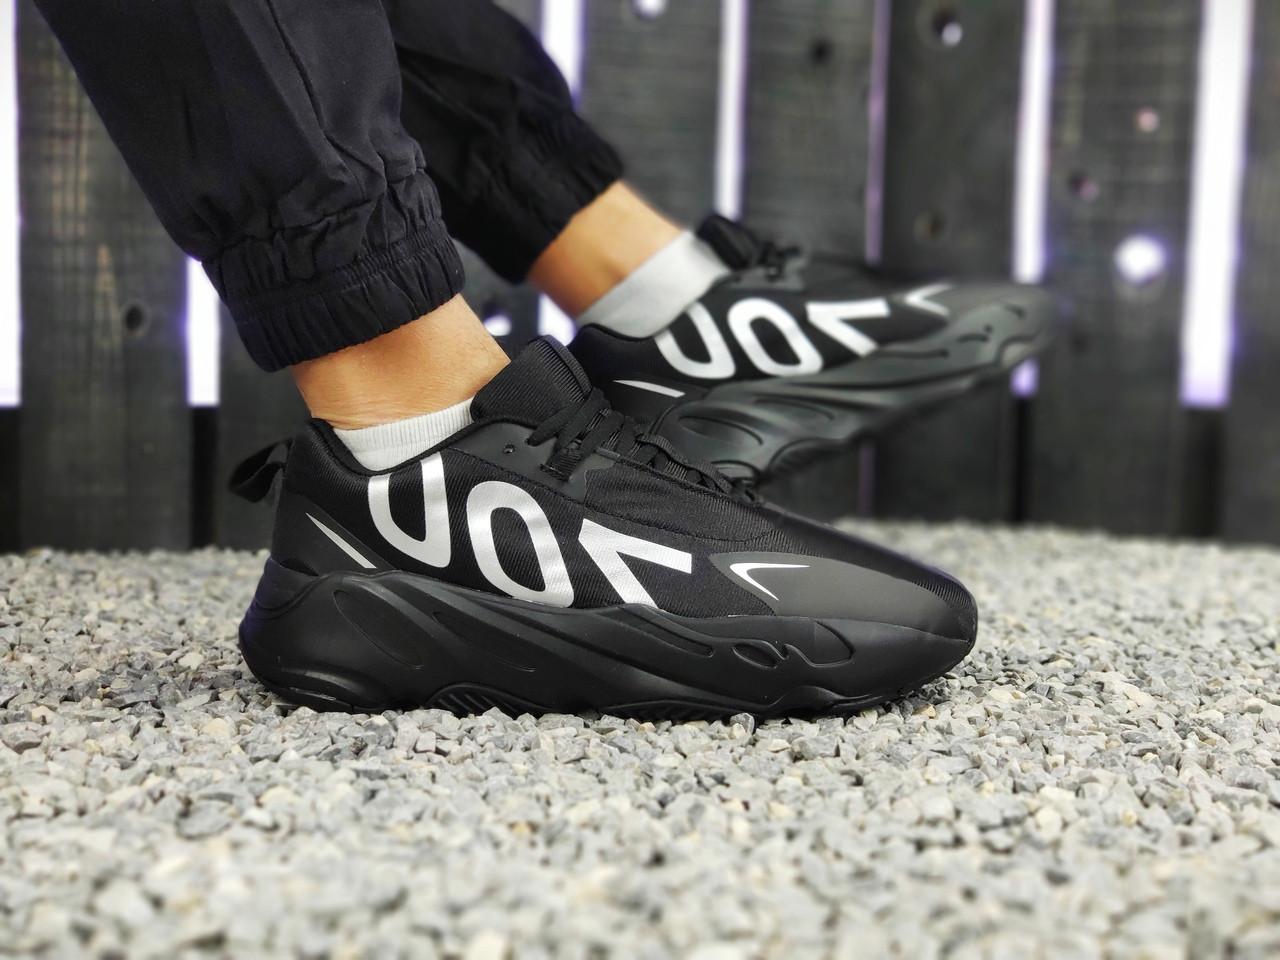 76184079c89244 Мужские кроссовки Adidas (Реплика) 1041, цена 1 440 грн., купить ...